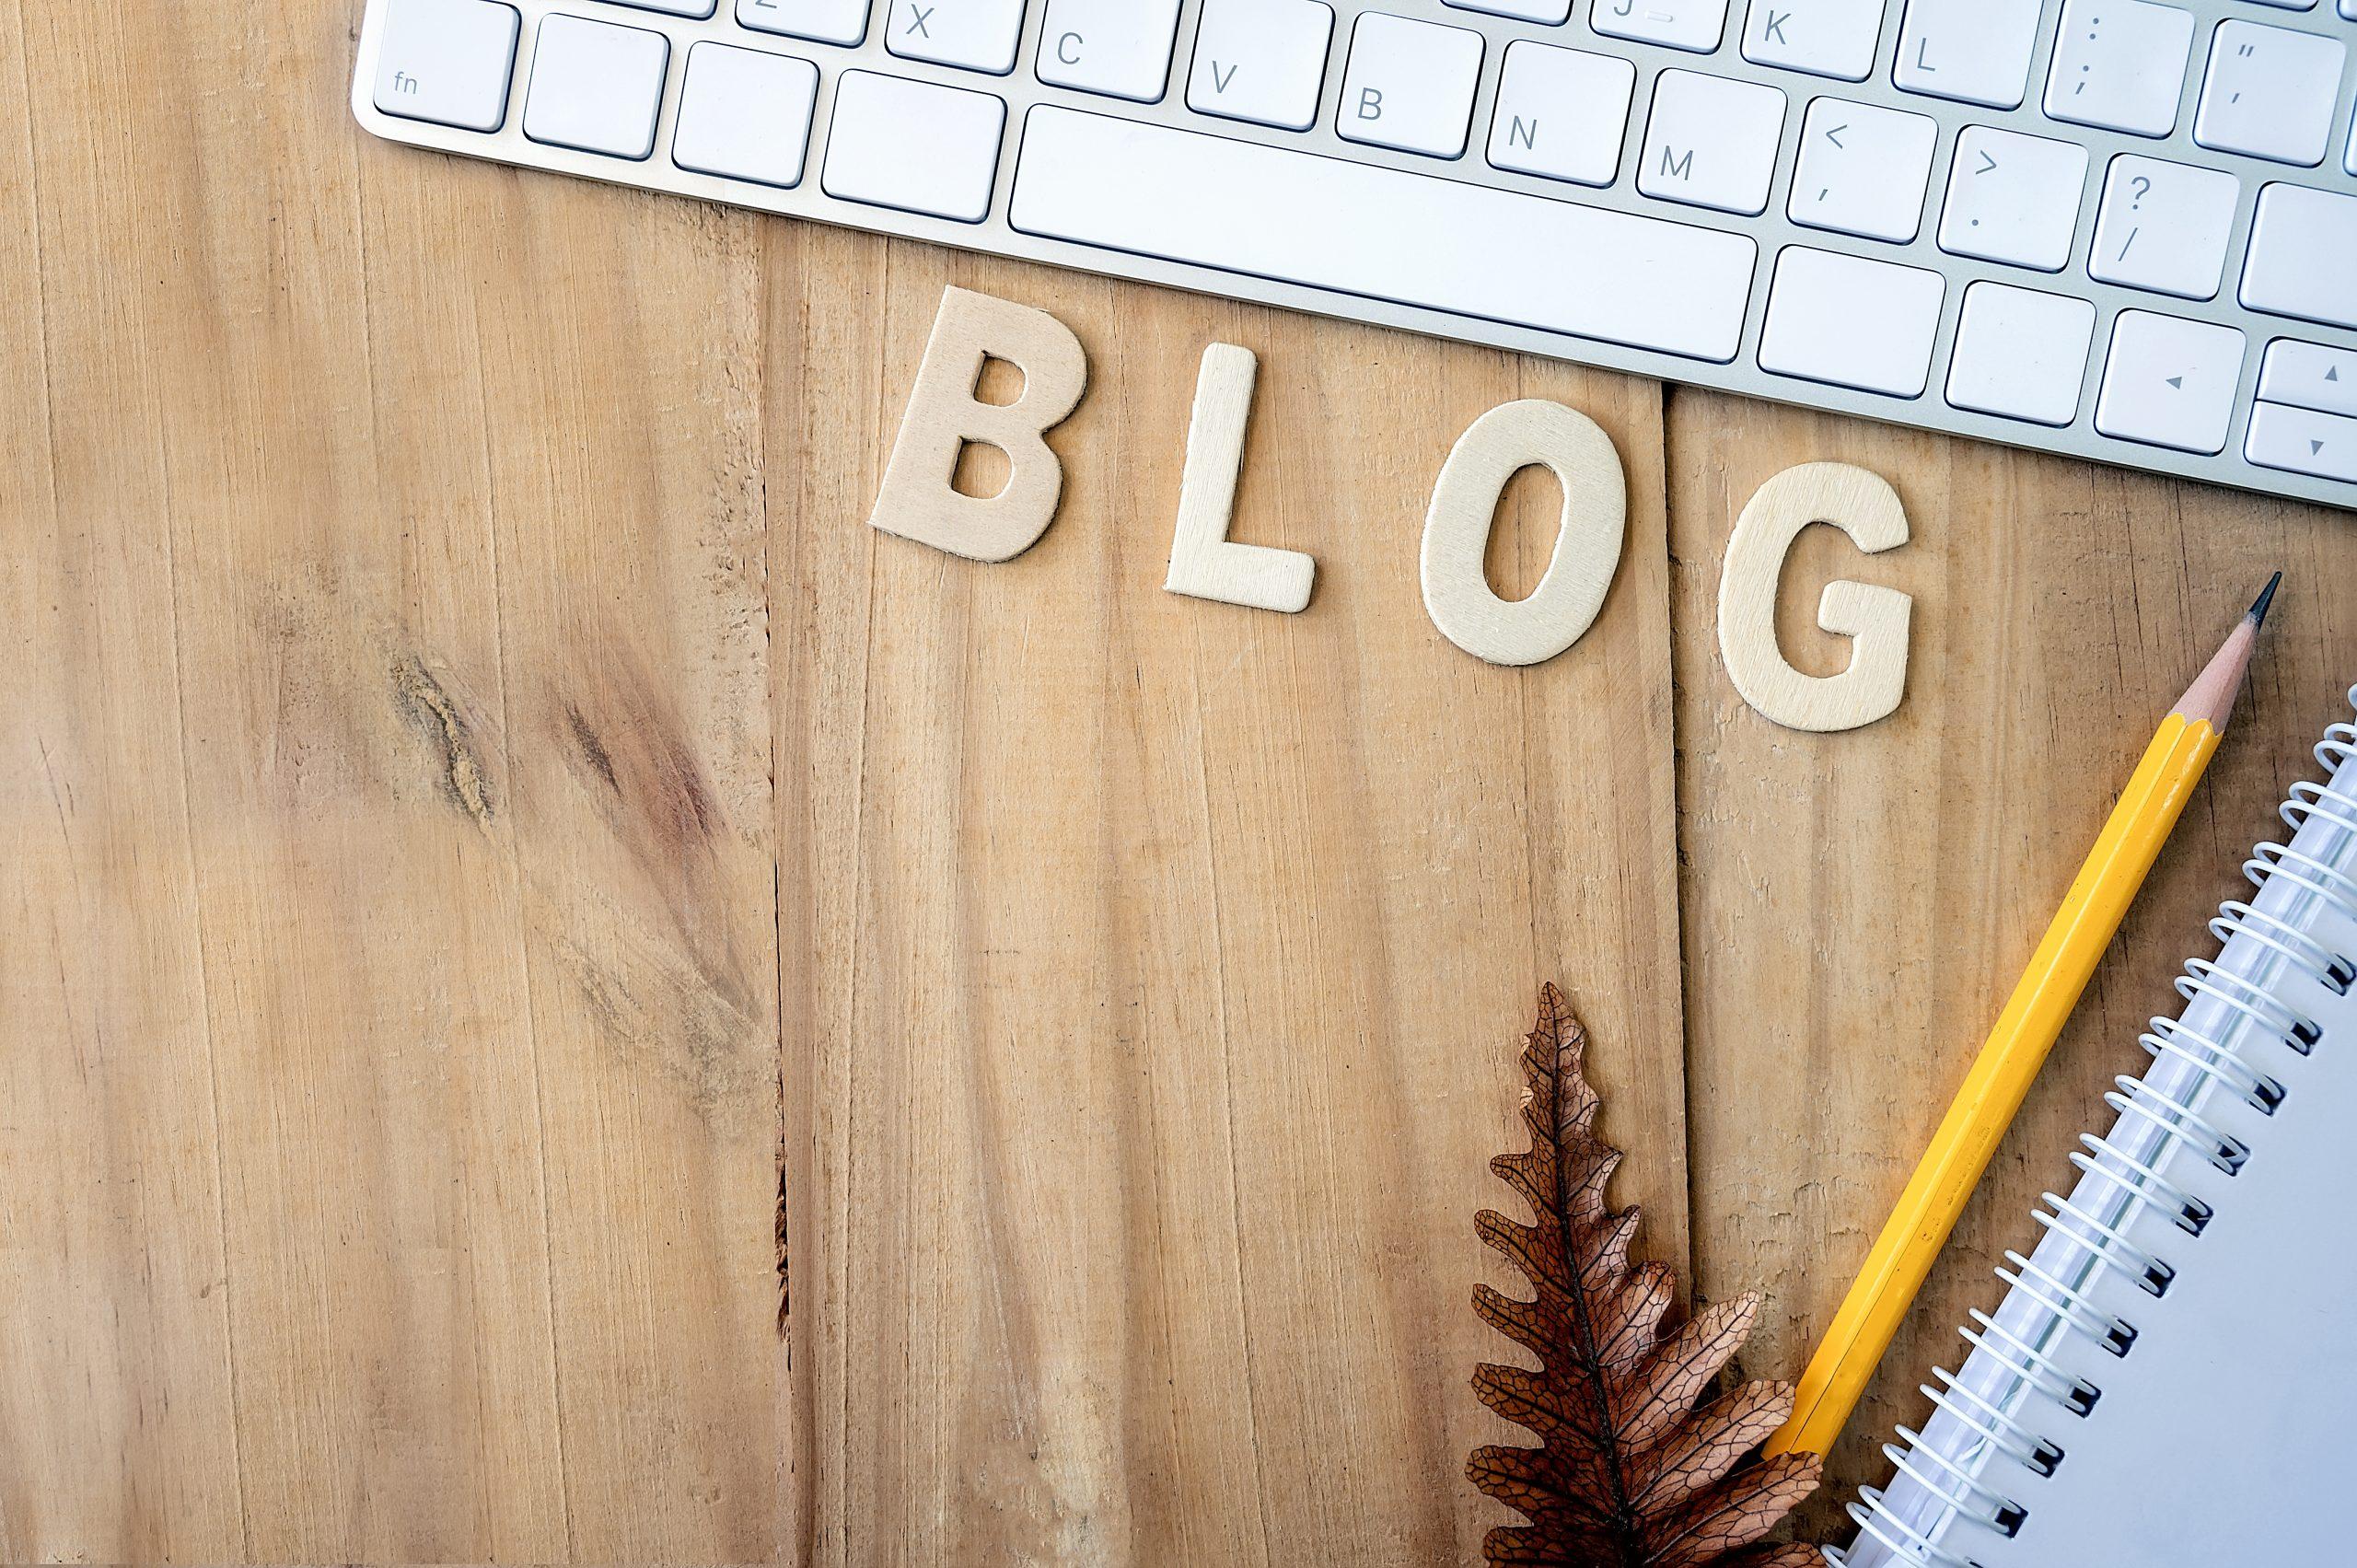 Comment créer son blog gratuitement ?